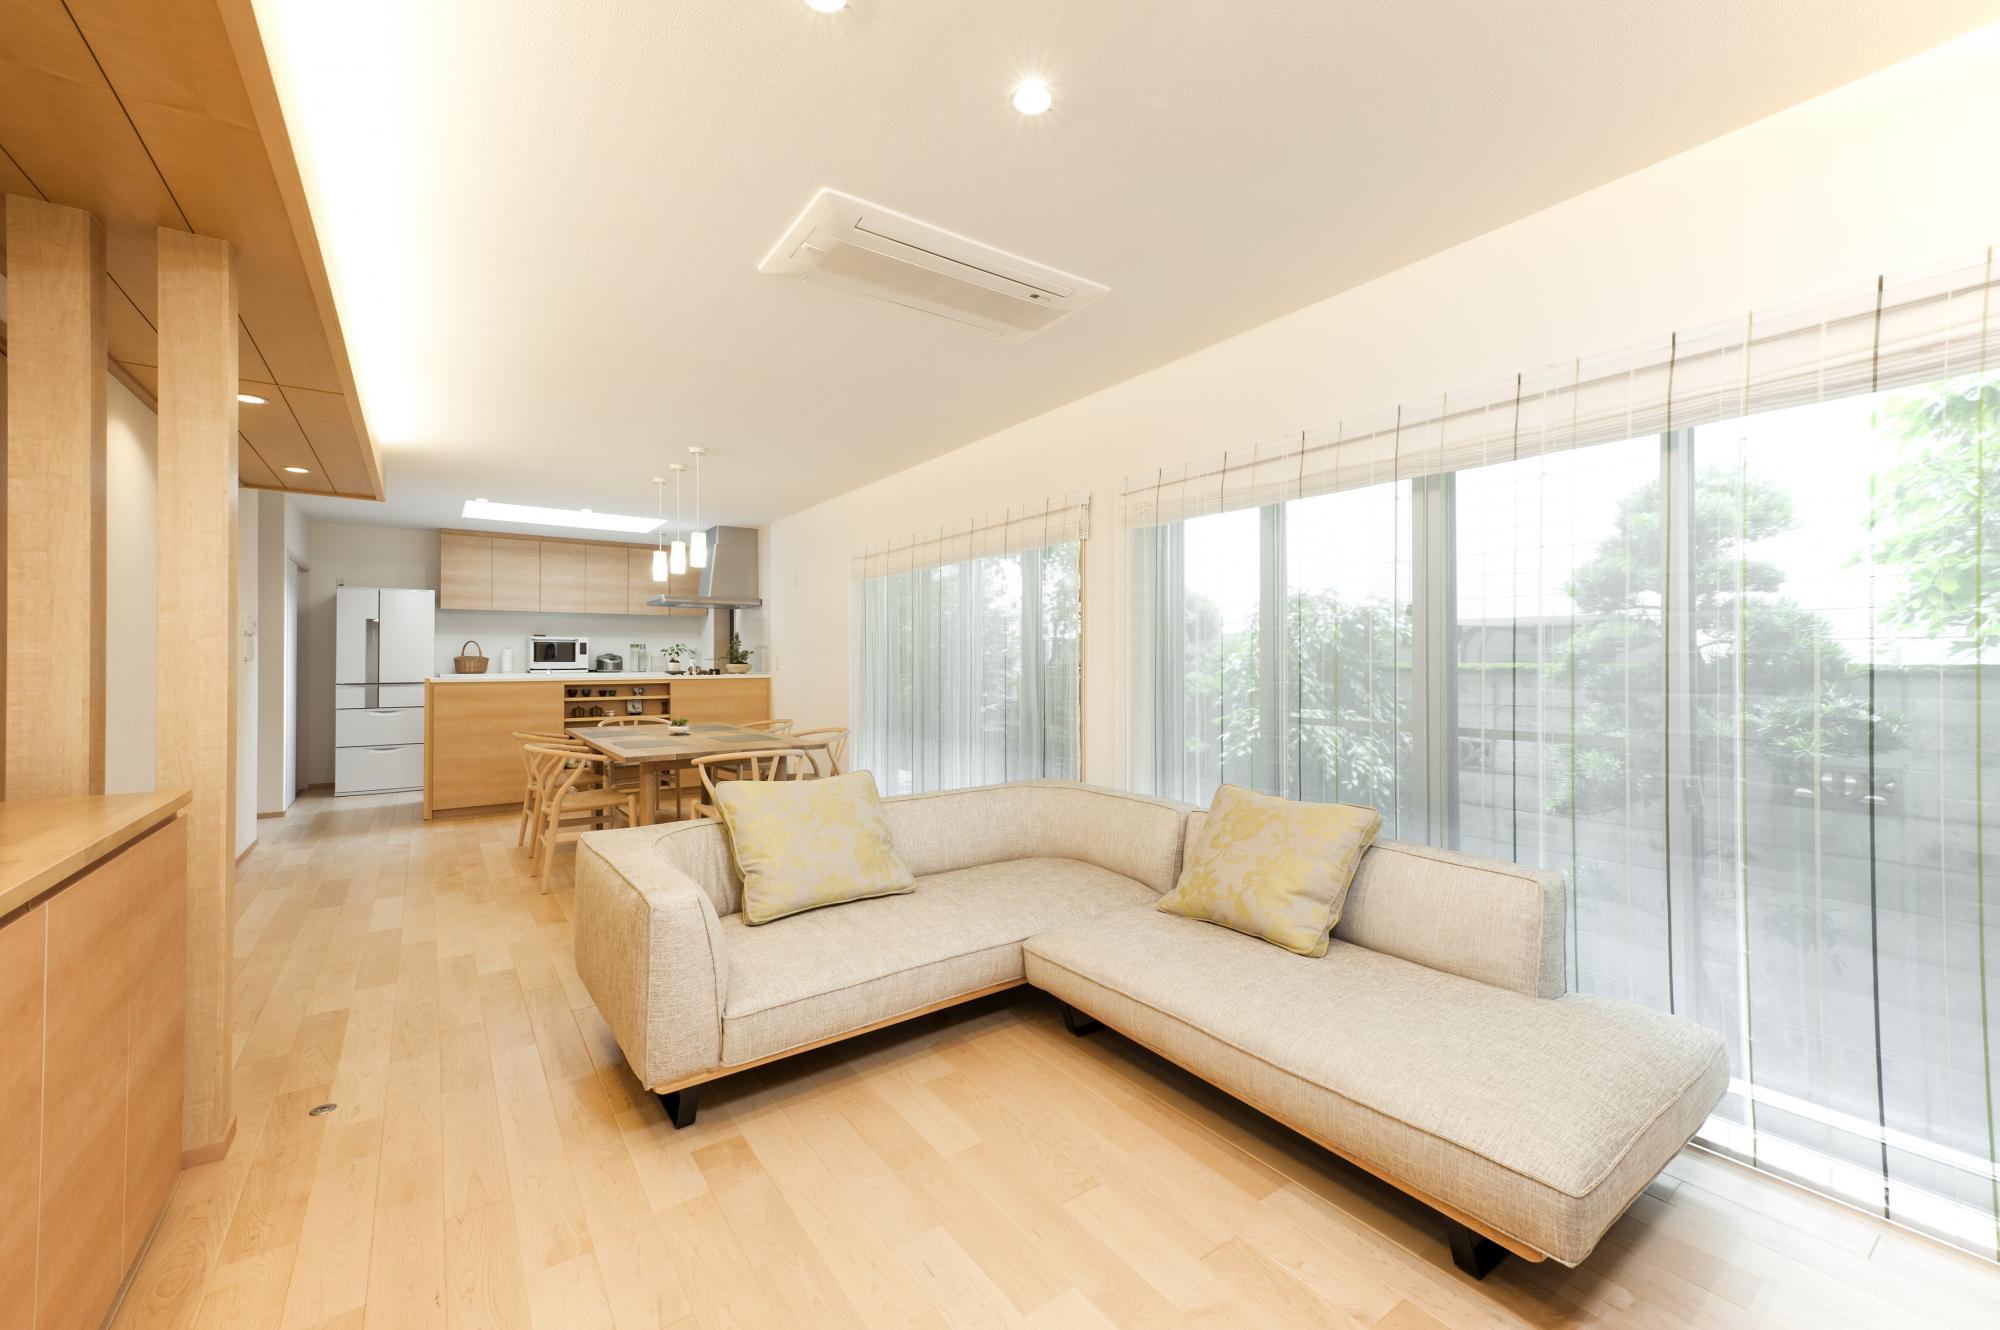 掃き出し窓を連続させたLDK。床にはメイプルを採用し、さらに明るい印象の空間にした。